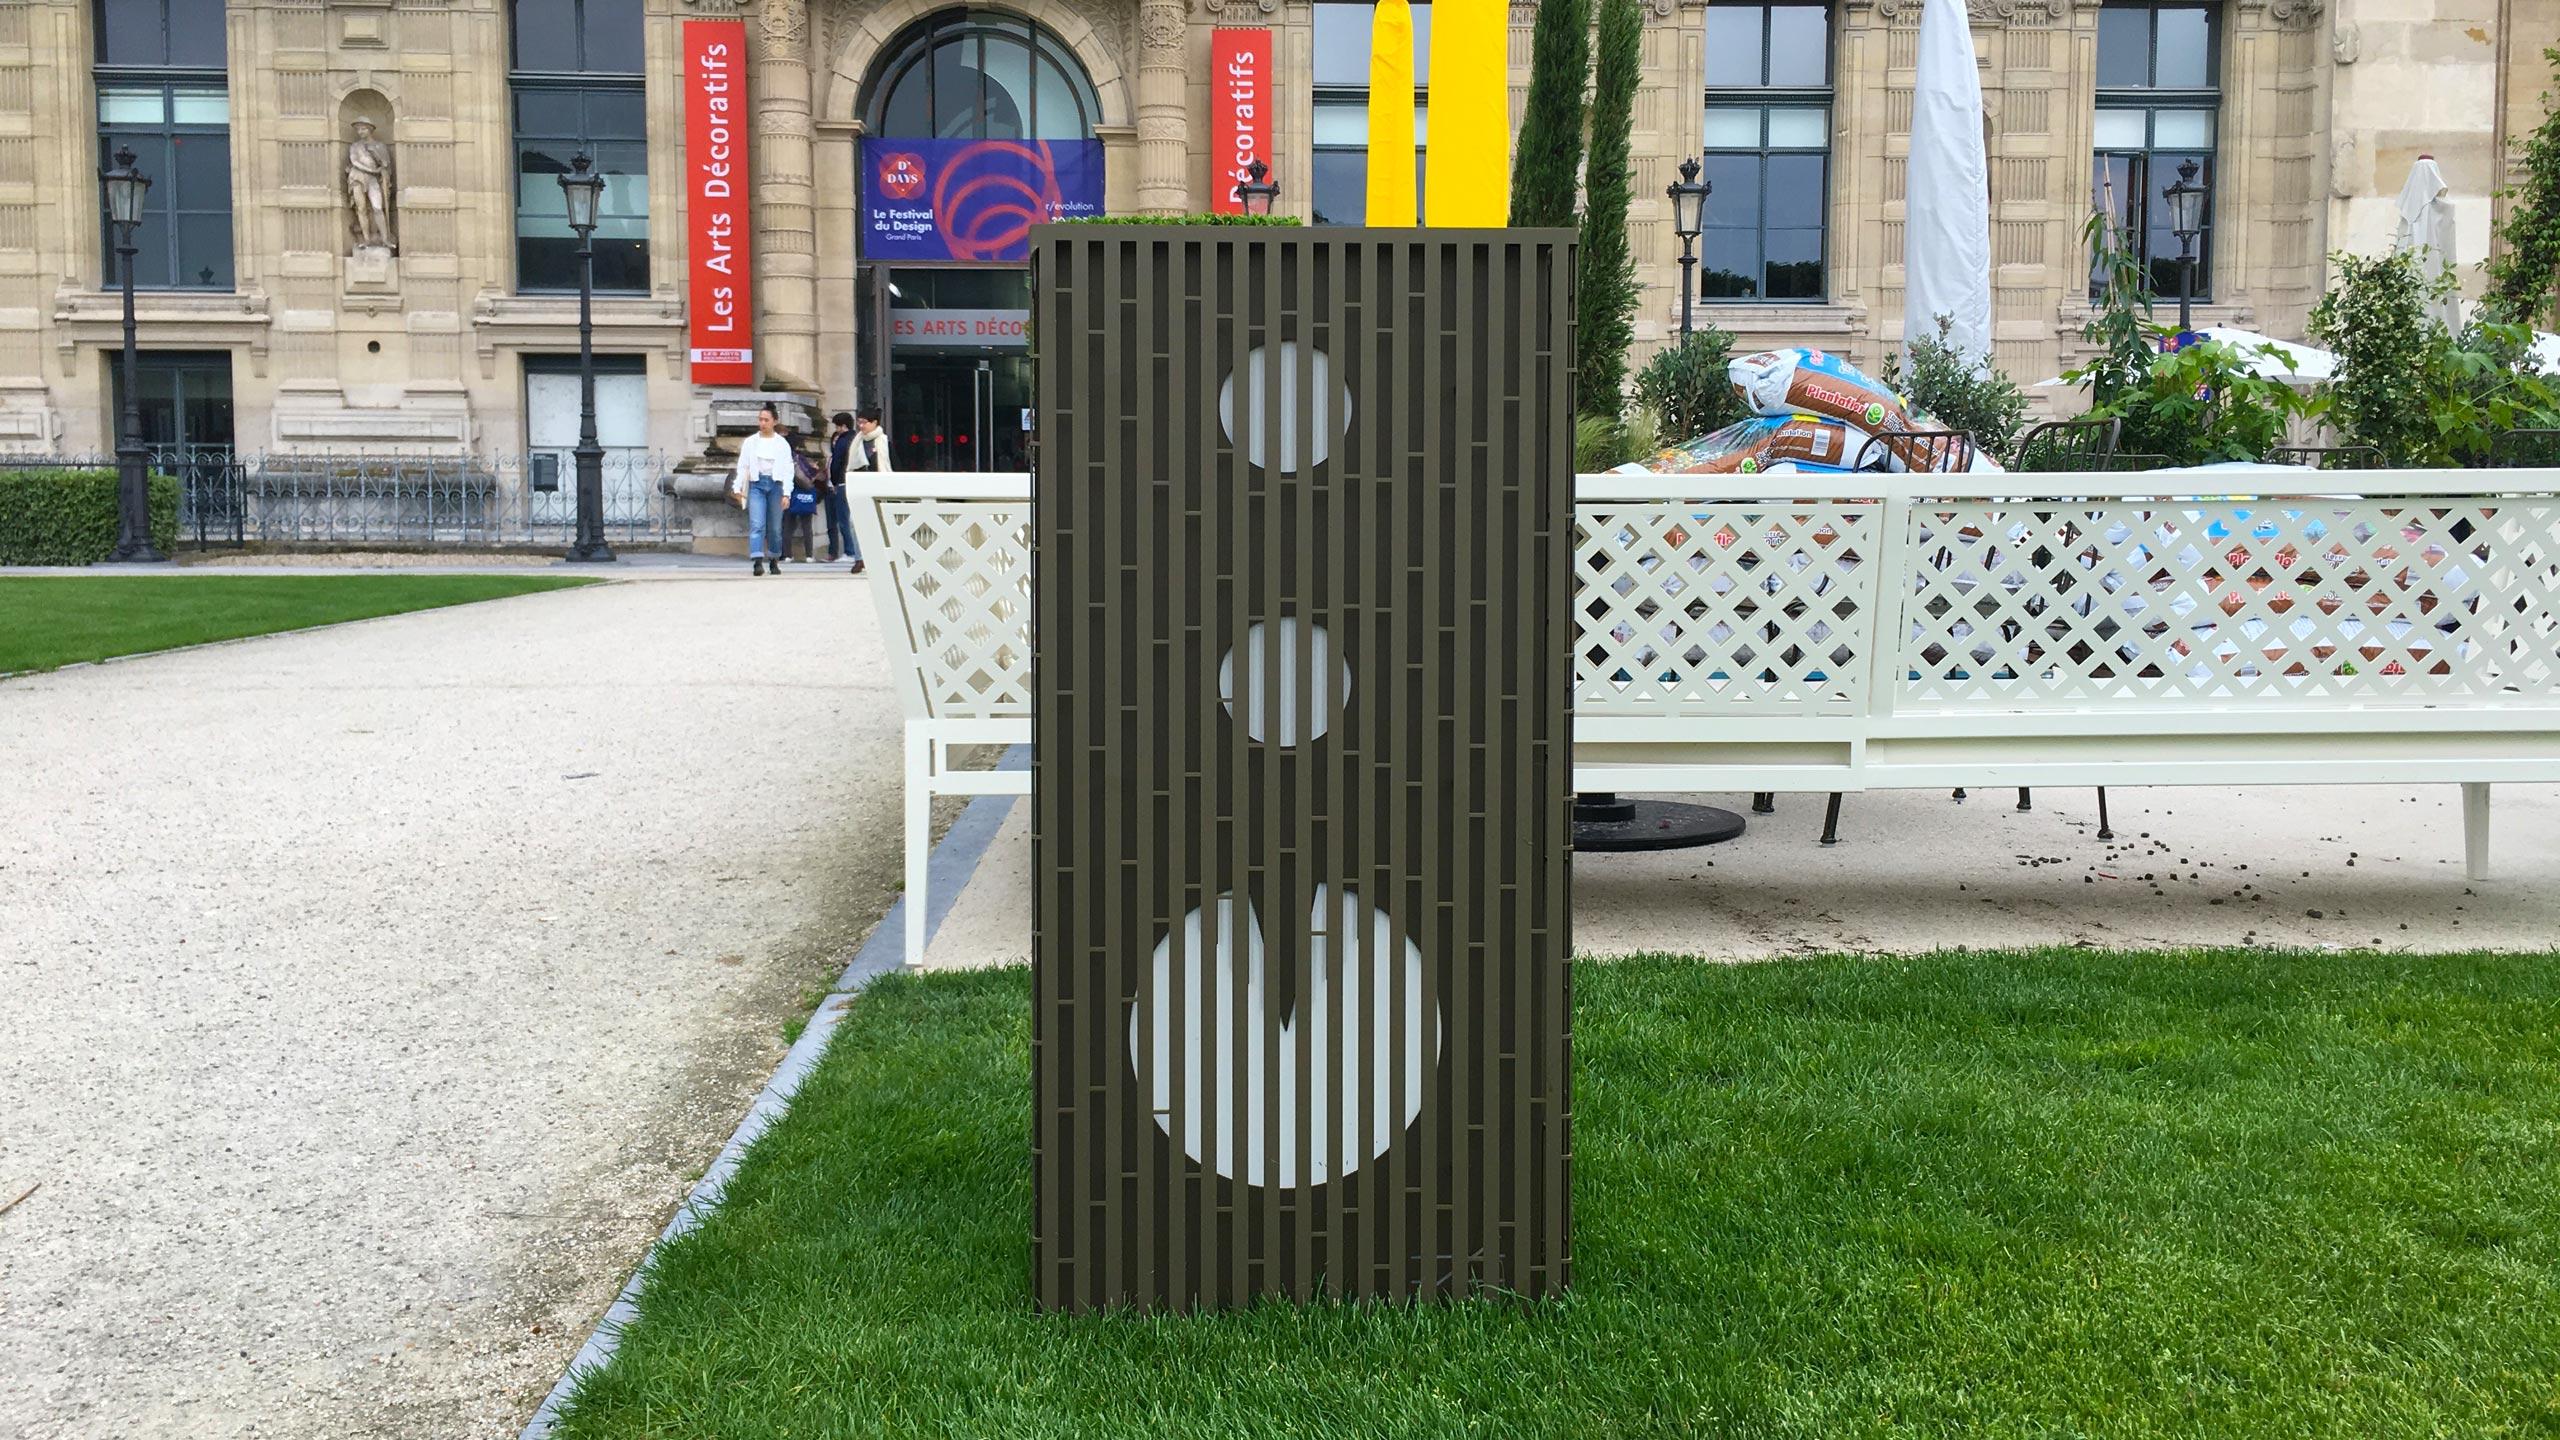 Animation corbeille tri sélectif animation objets publics franck magné design poubelle